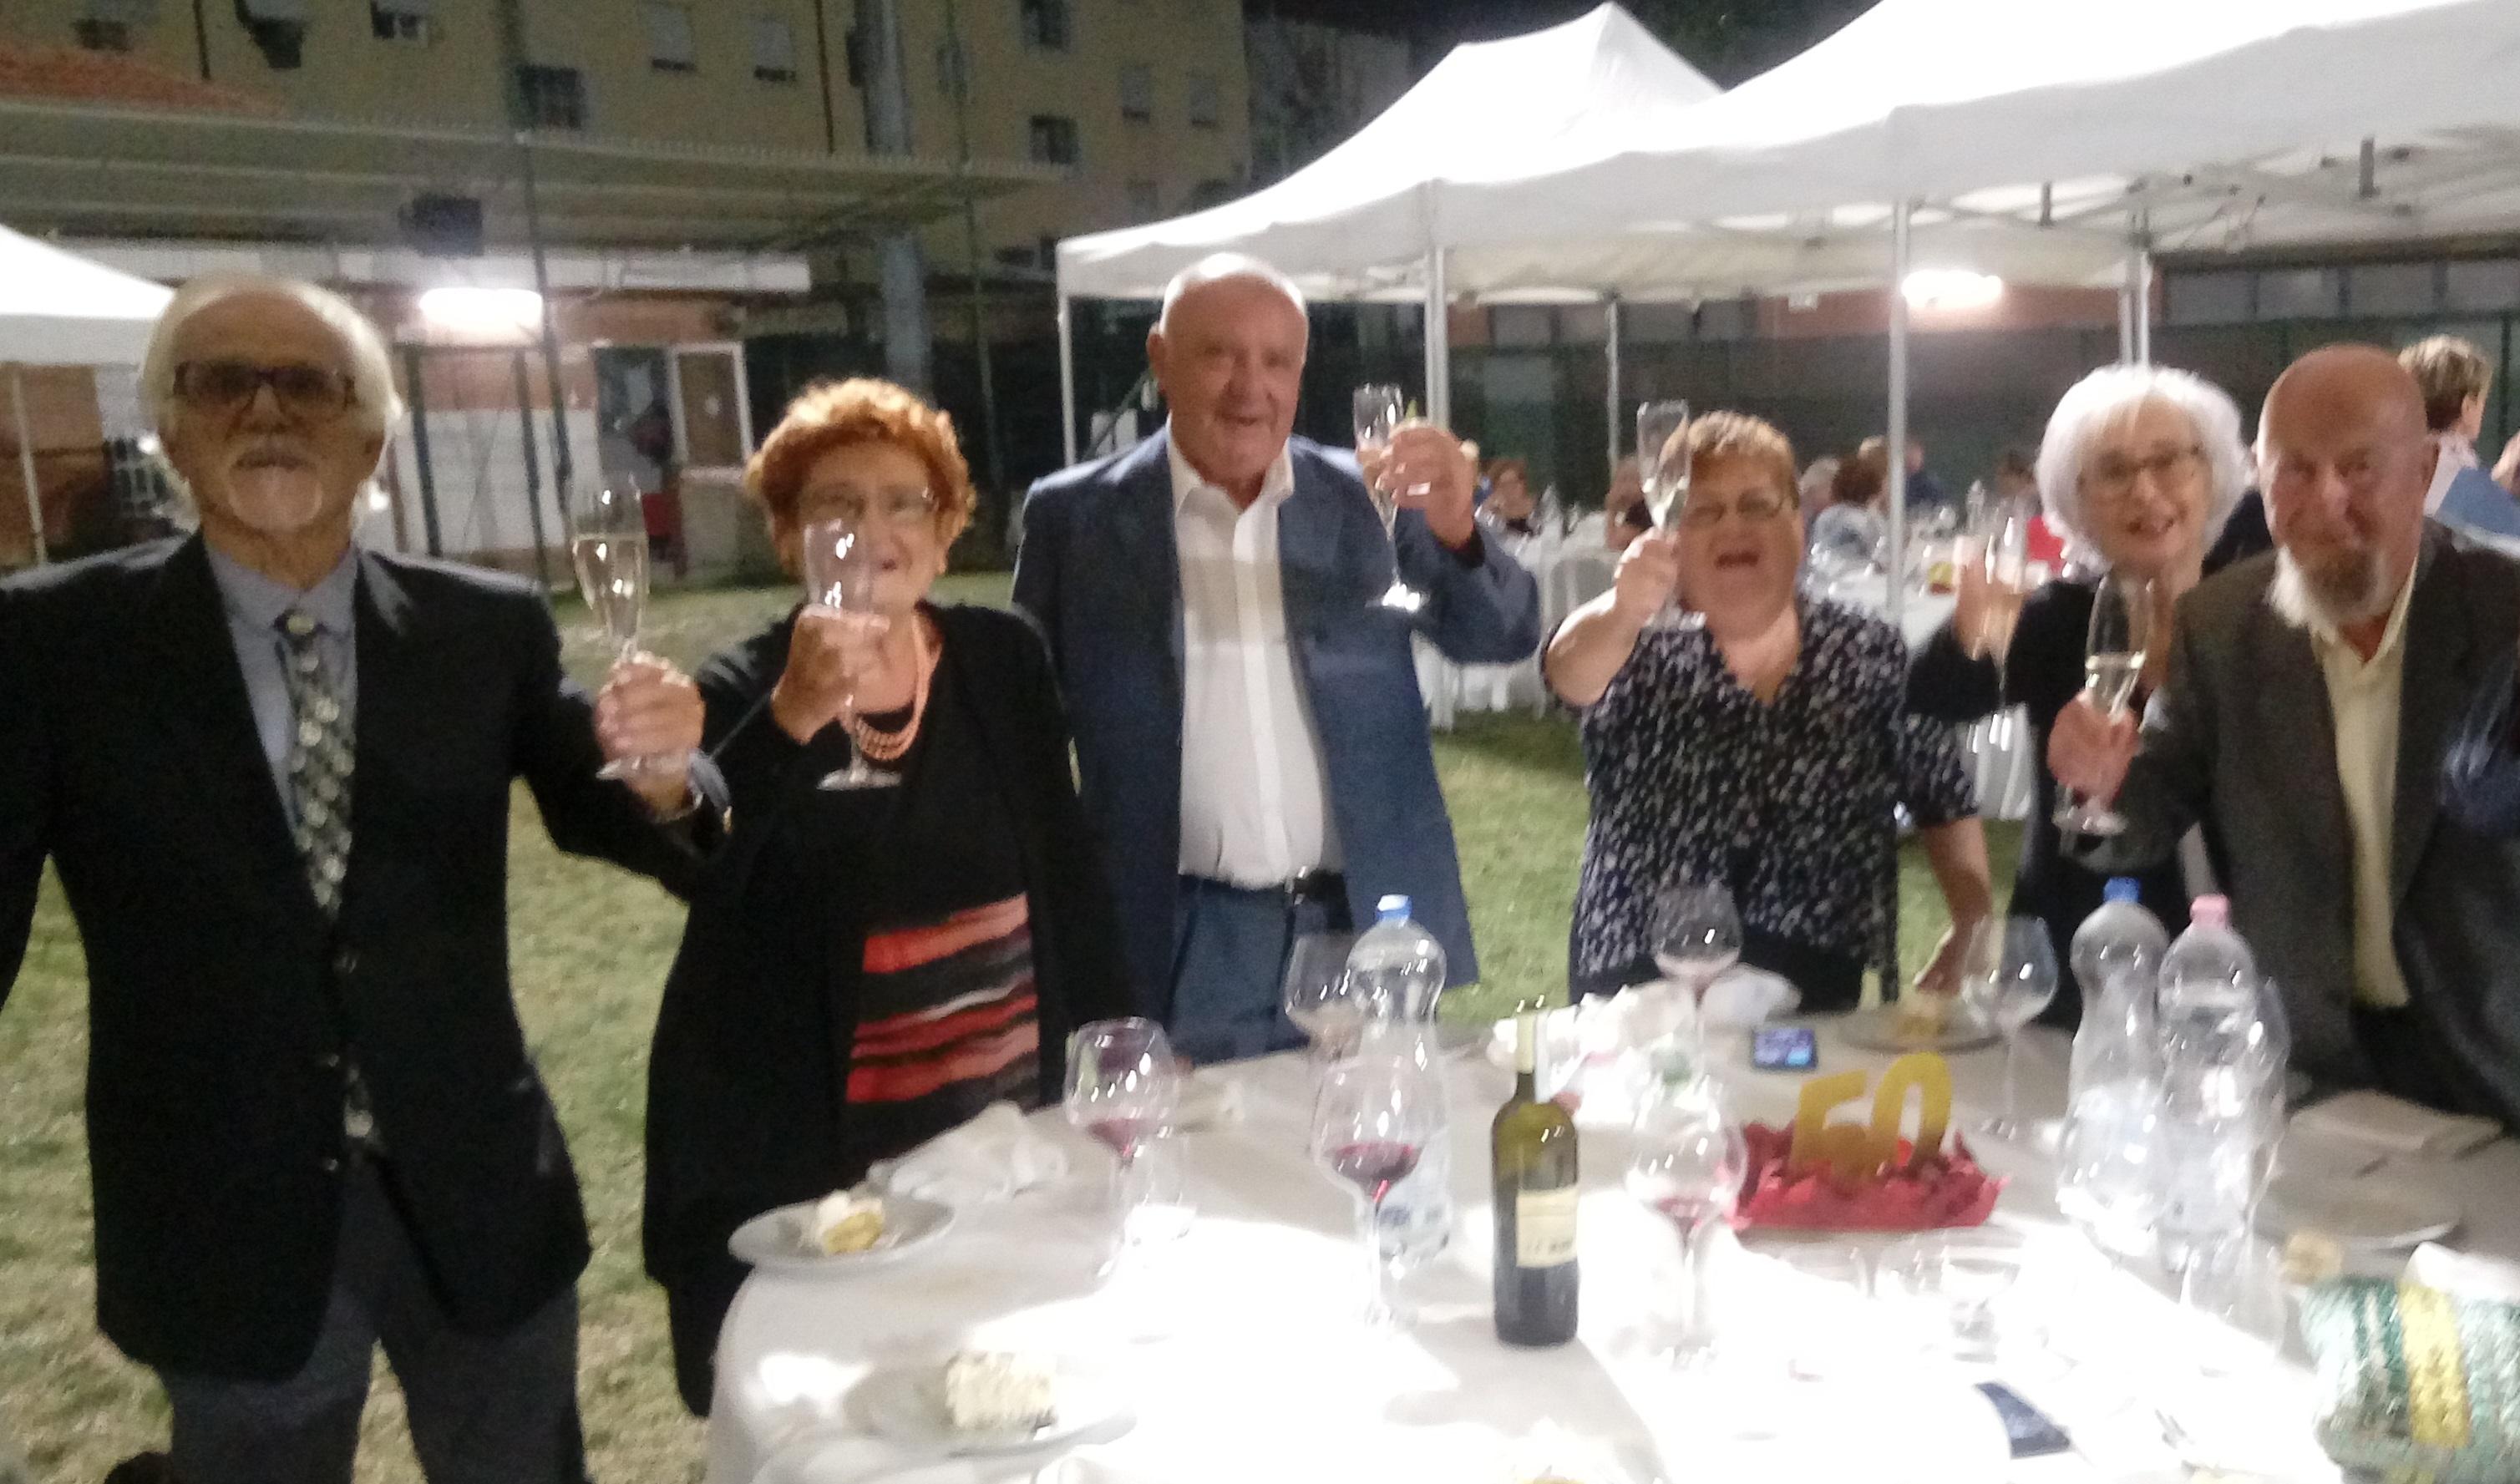 Nozze d'Oro a Moncalieri: gran festa per quaranta coppie